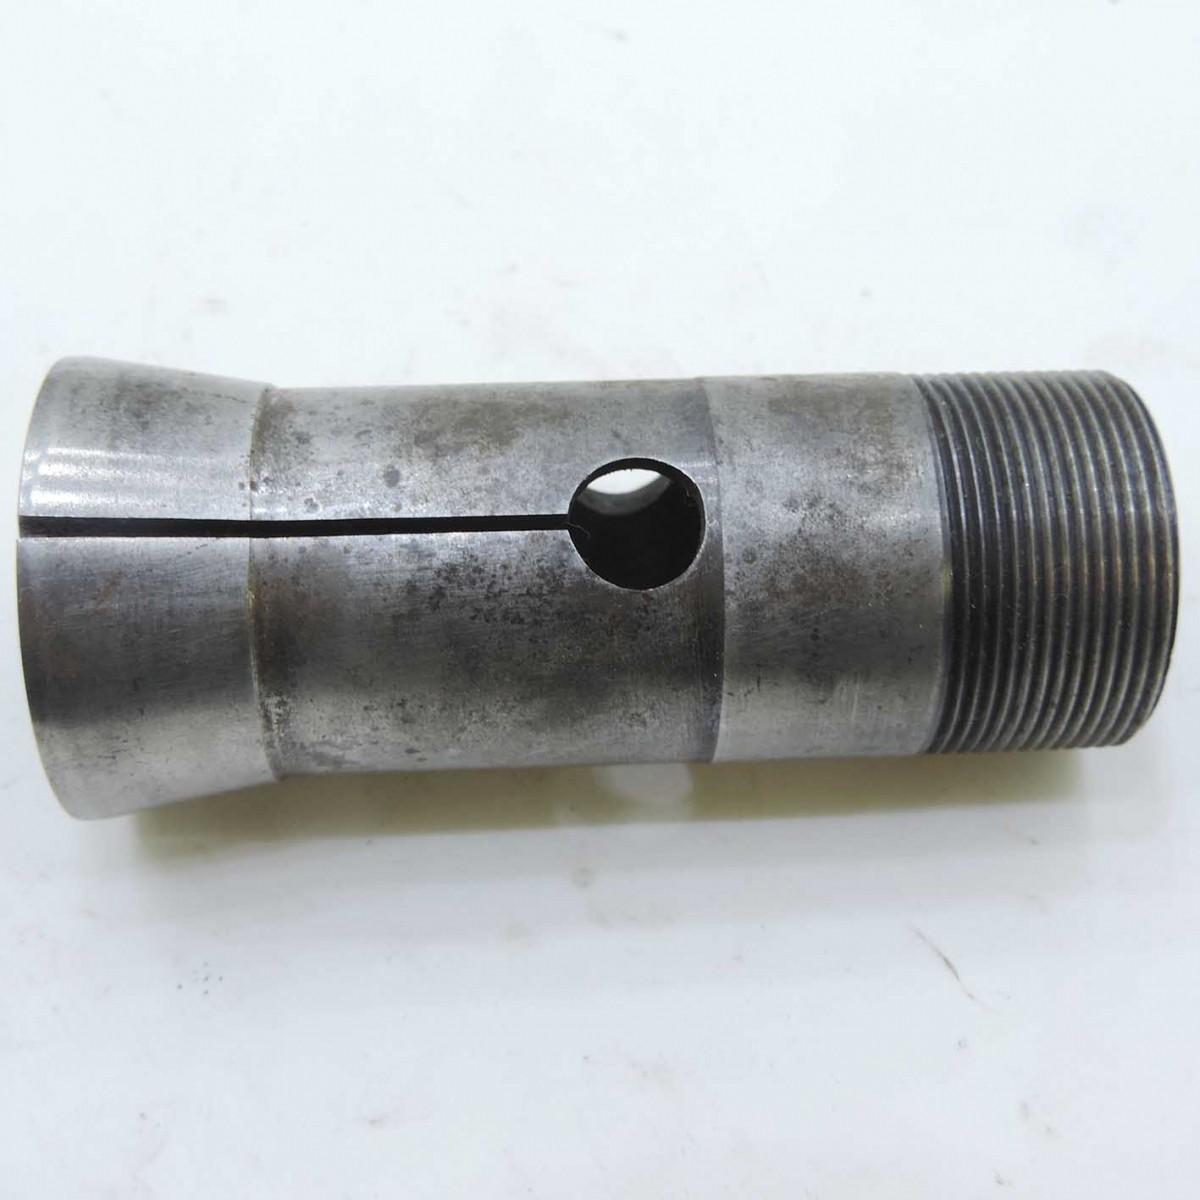 Pinça Avulsa Para Afiadora E Fresadora 22 mm - SC365 - Usada